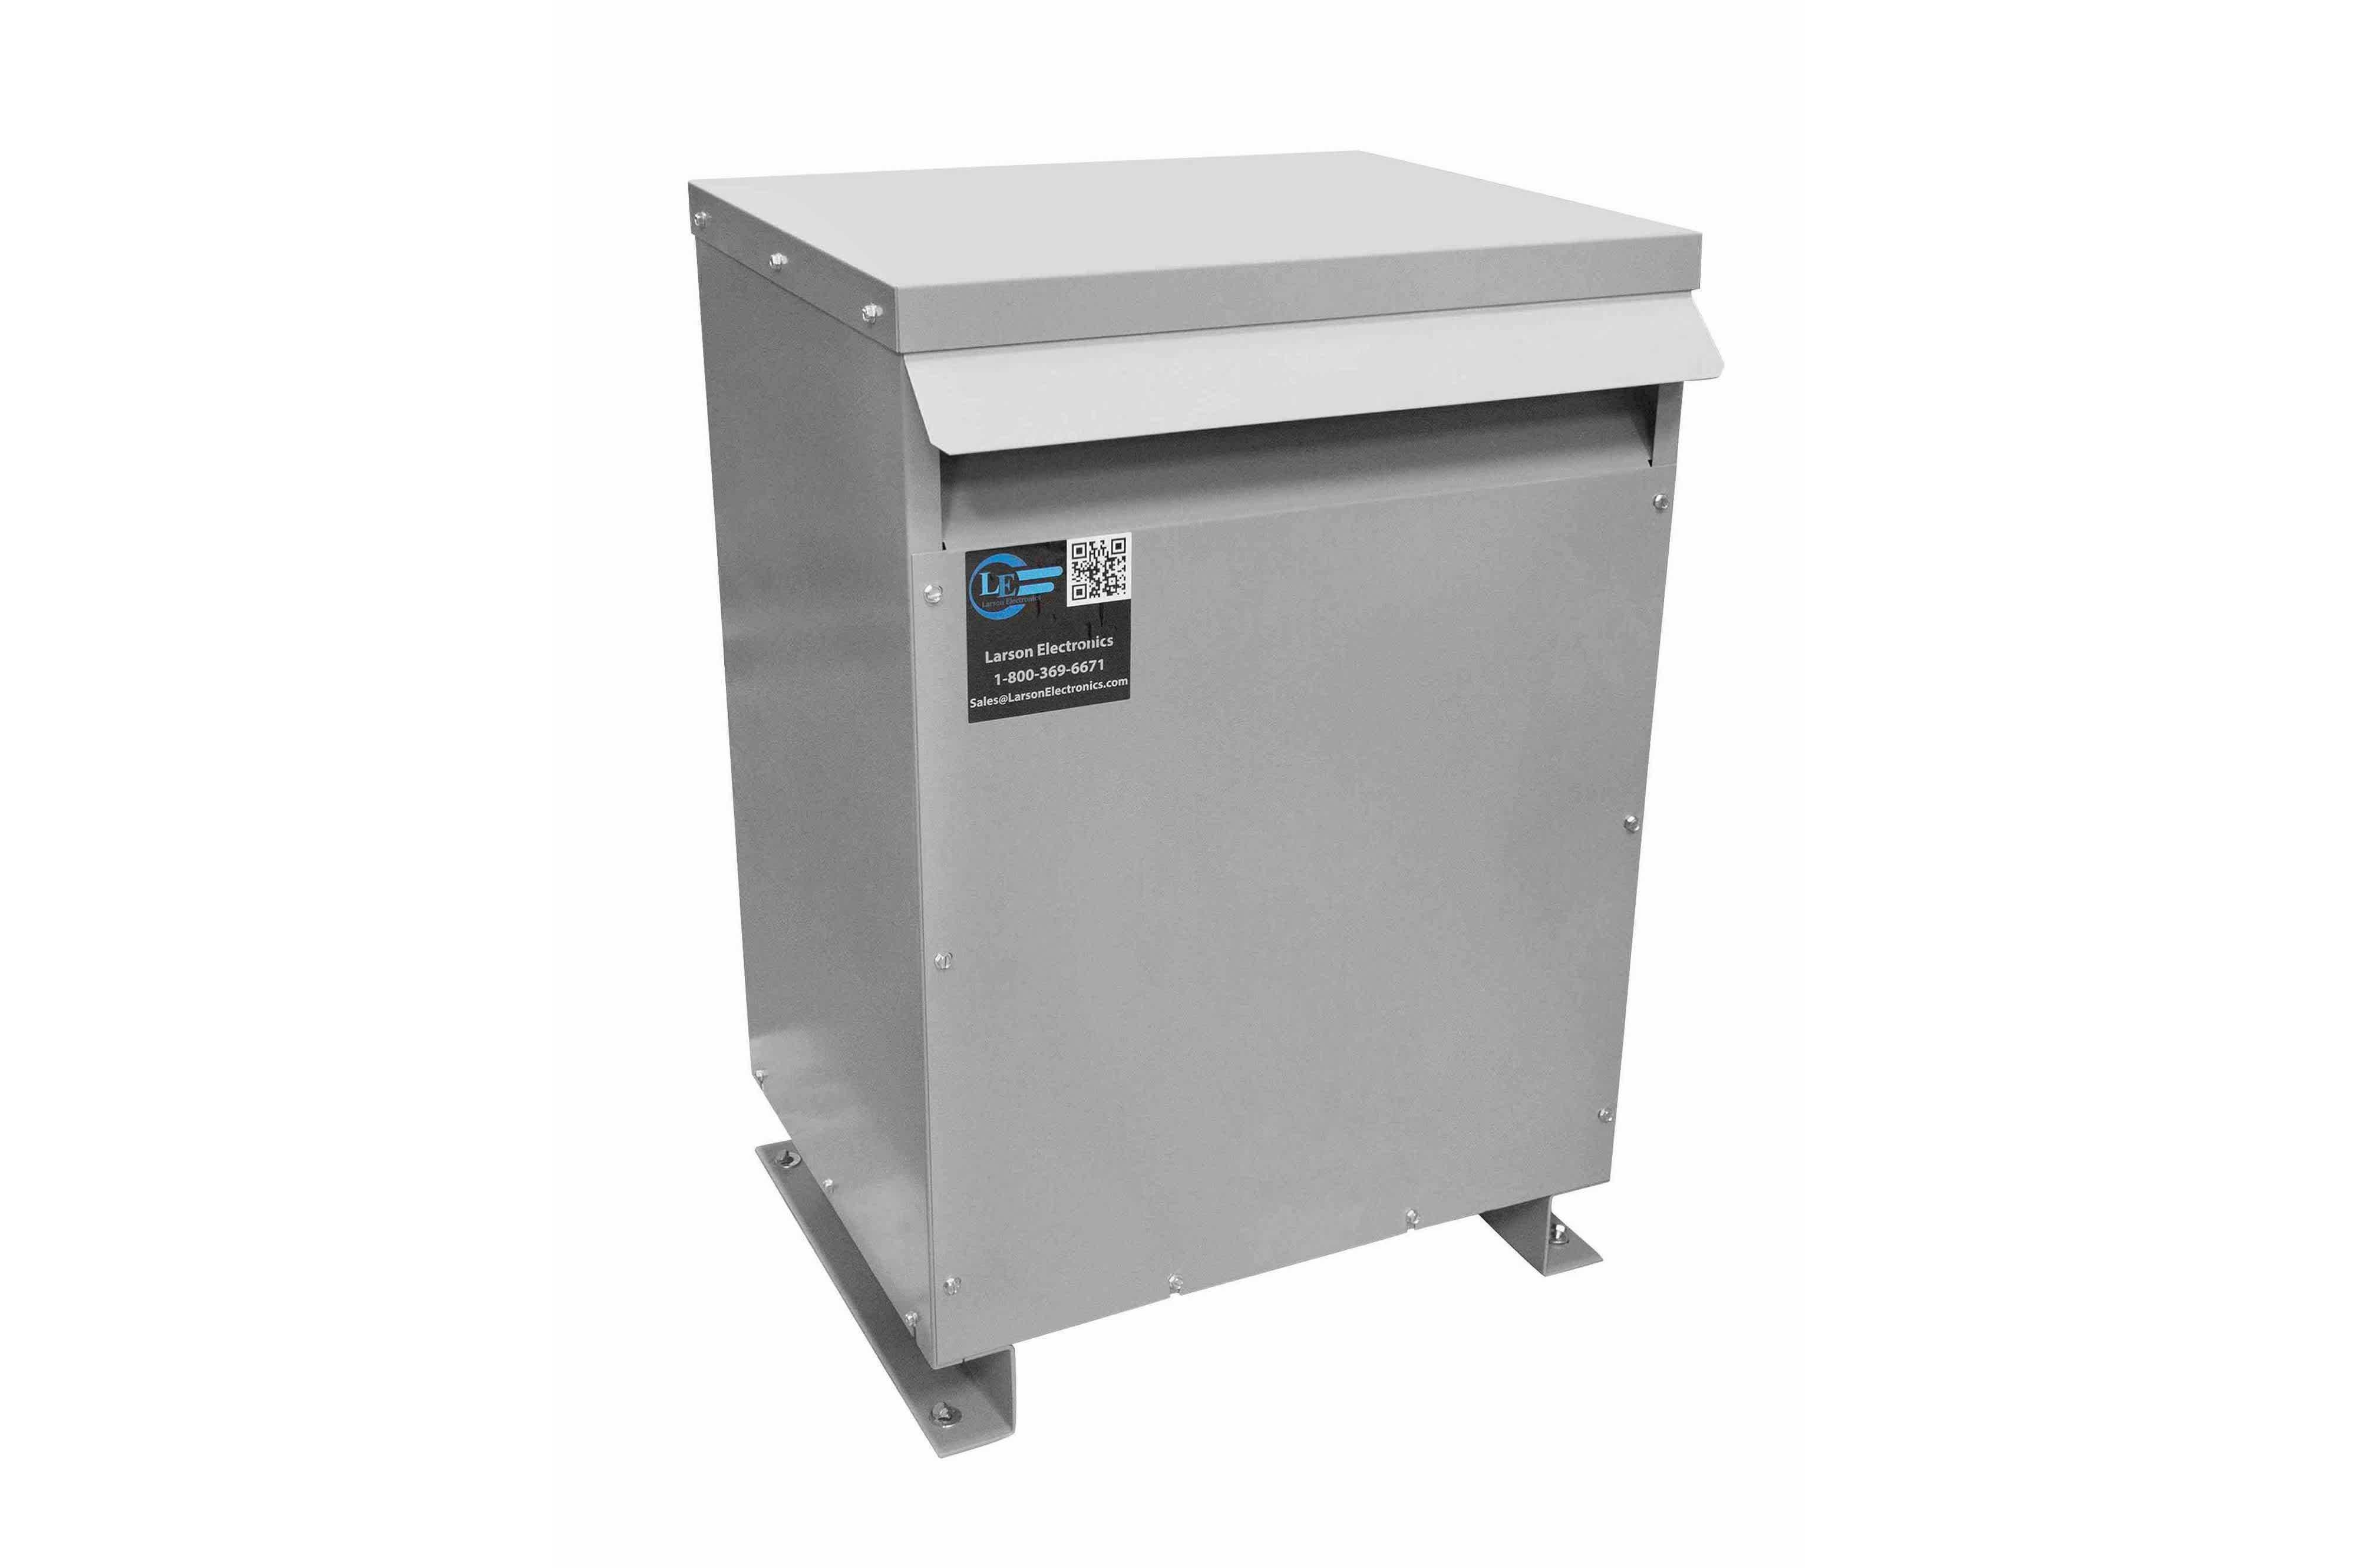 100 kVA 3PH Isolation Transformer, 208V Delta Primary, 415V Delta Secondary, N3R, Ventilated, 60 Hz